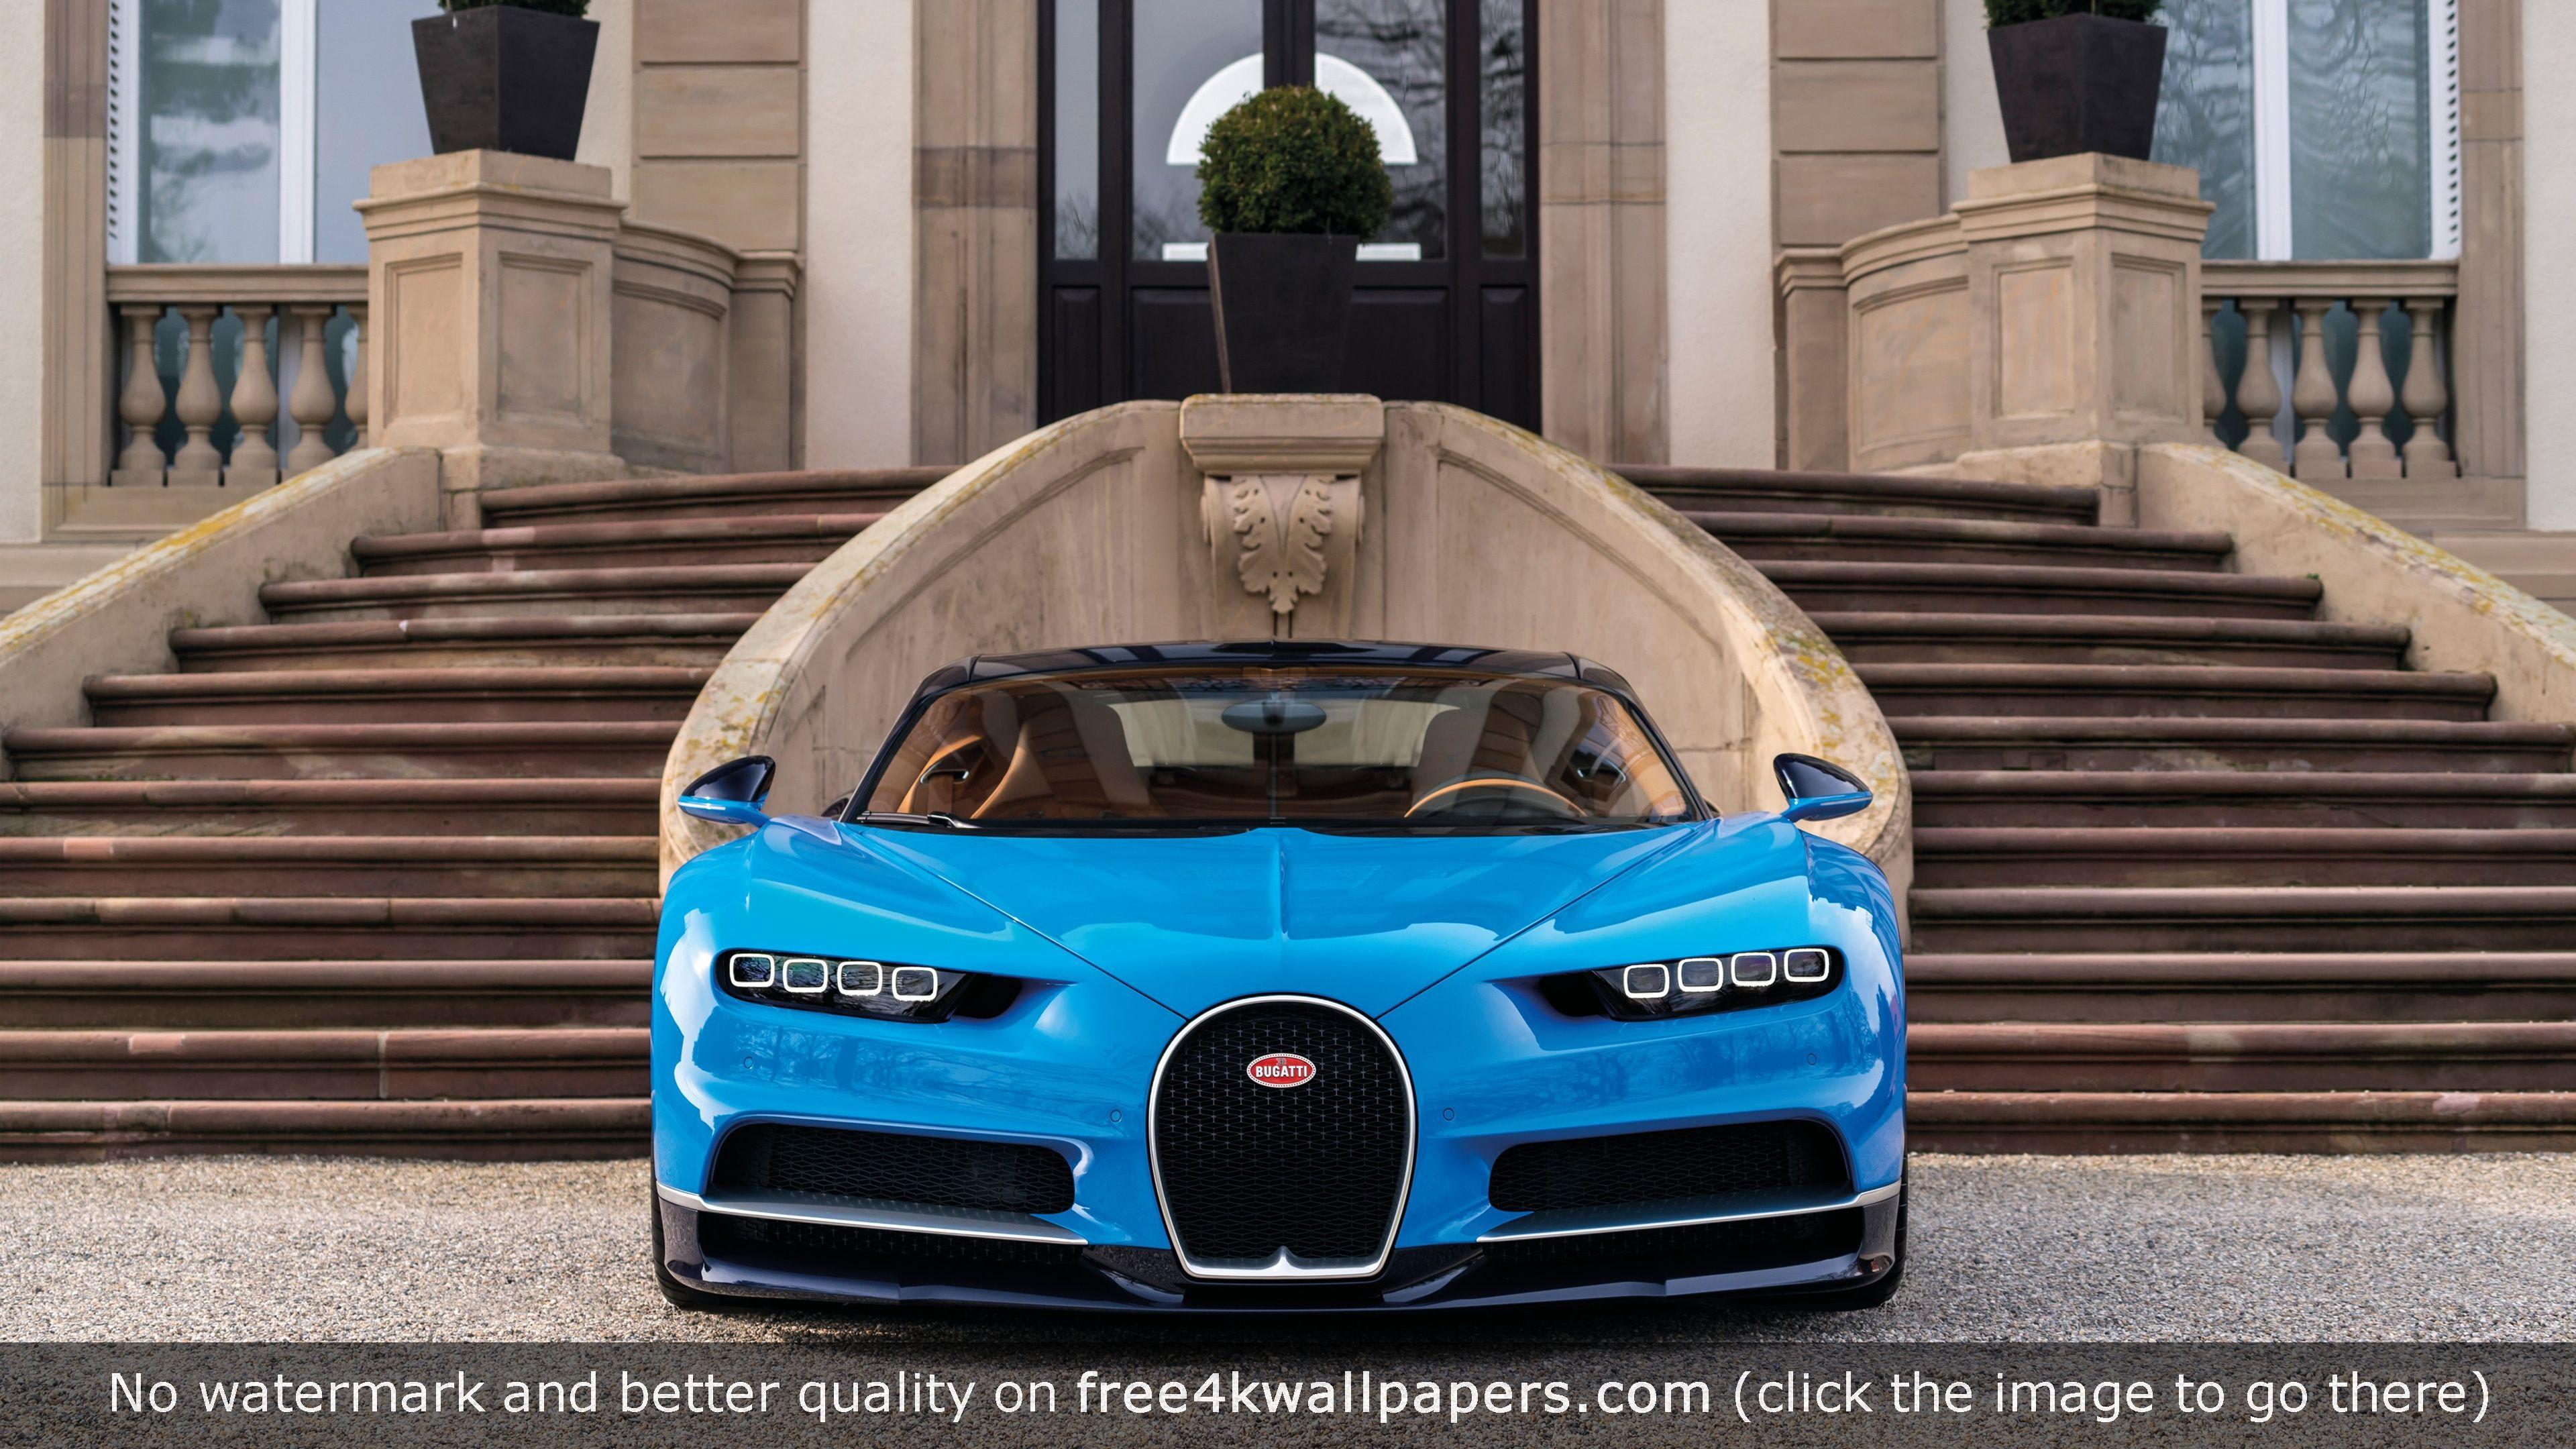 Bugatti chiron geneva auto show 2016 4k or hd wallpaper - 4k car wallpaper for mobile ...